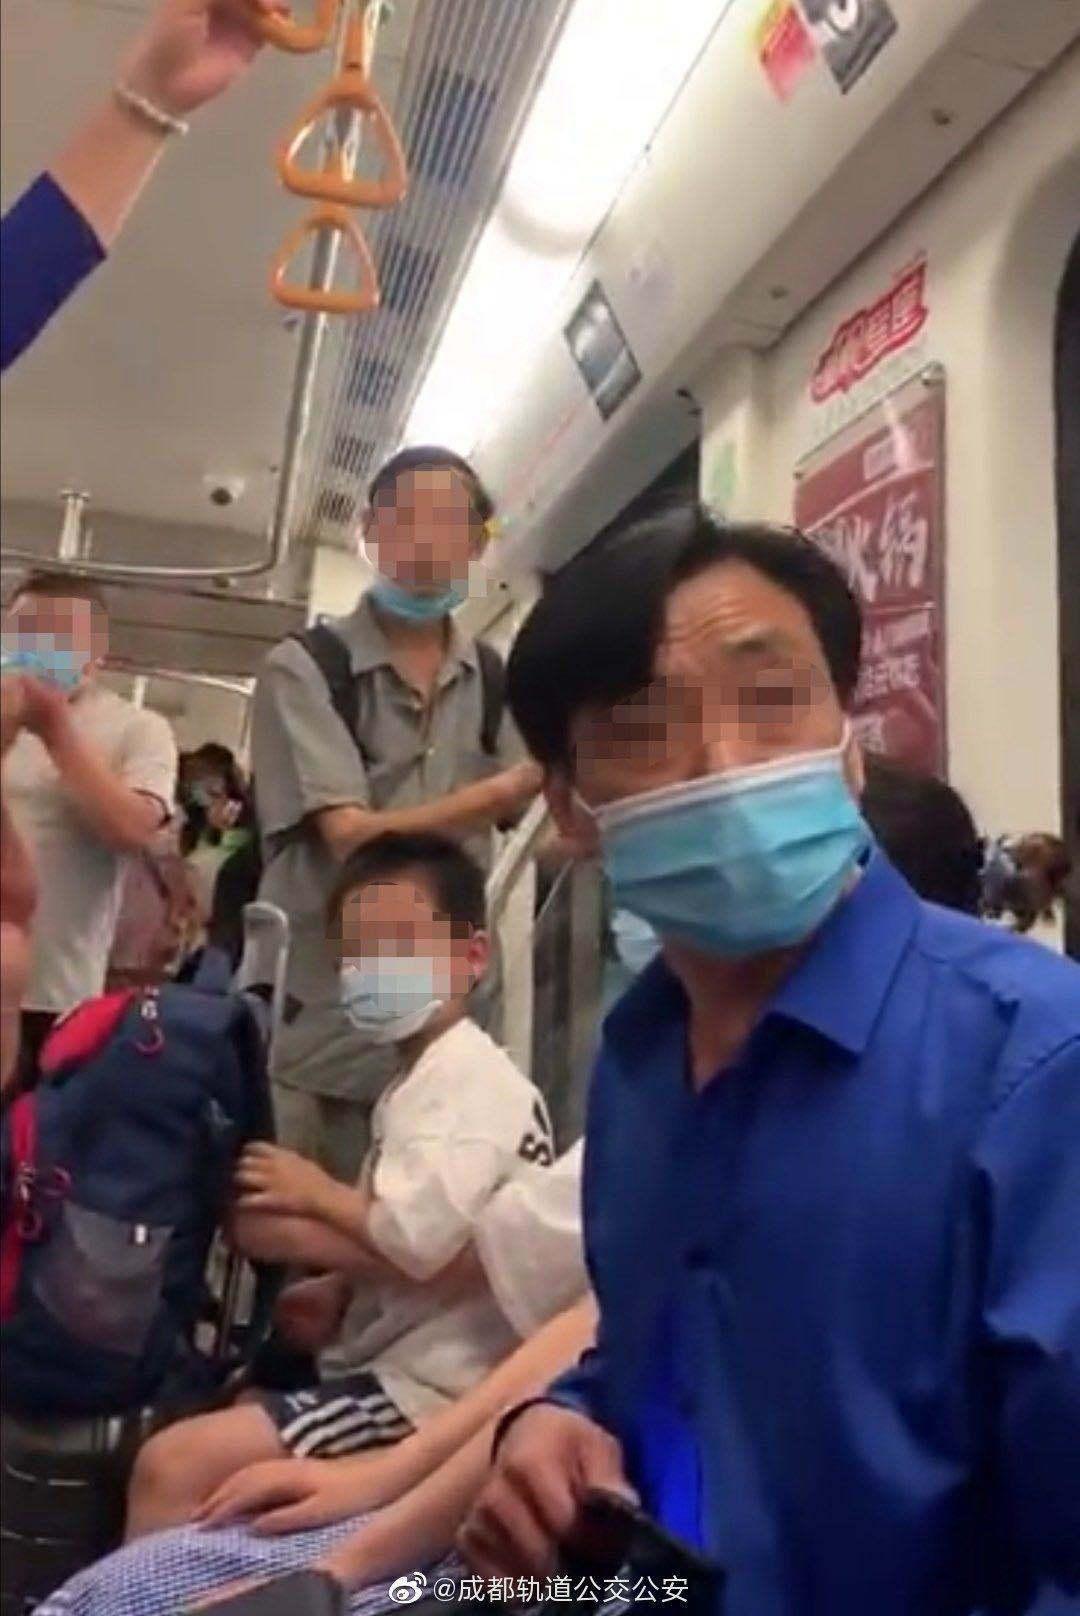 男子地铁猥亵女乘客被周围群众控制,成都警方:行拘15日